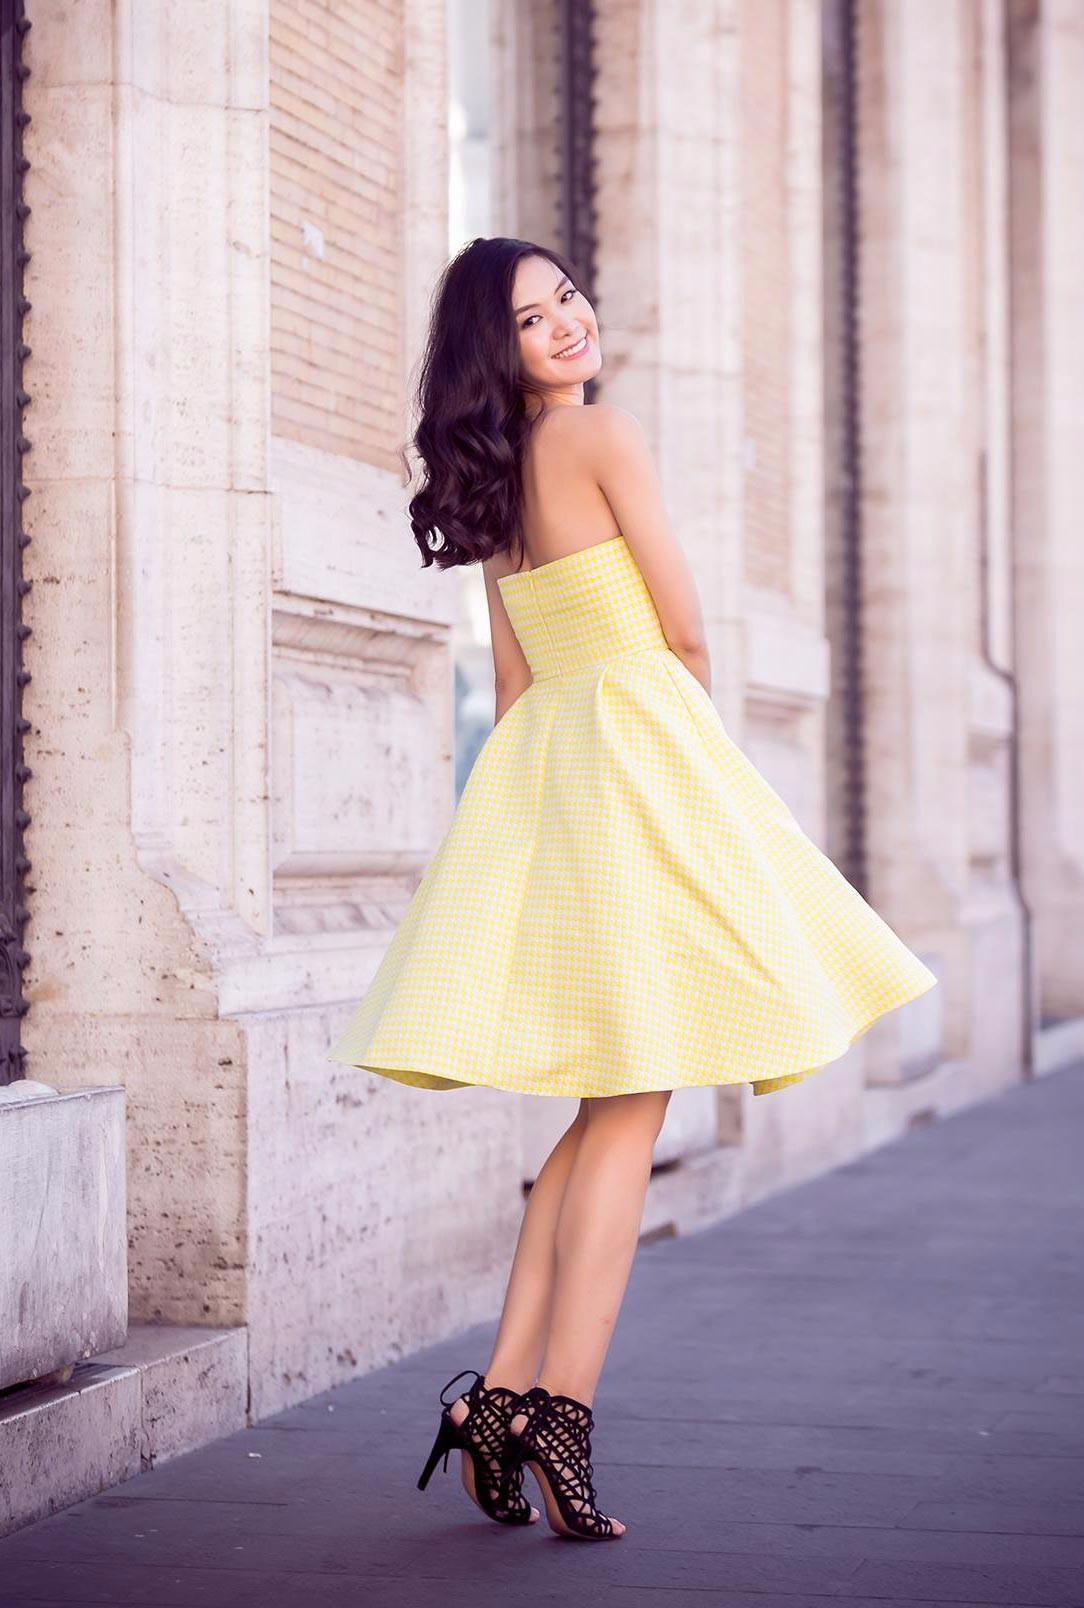 Cách chọn giày theo kiểu váy cực chuẩn 8